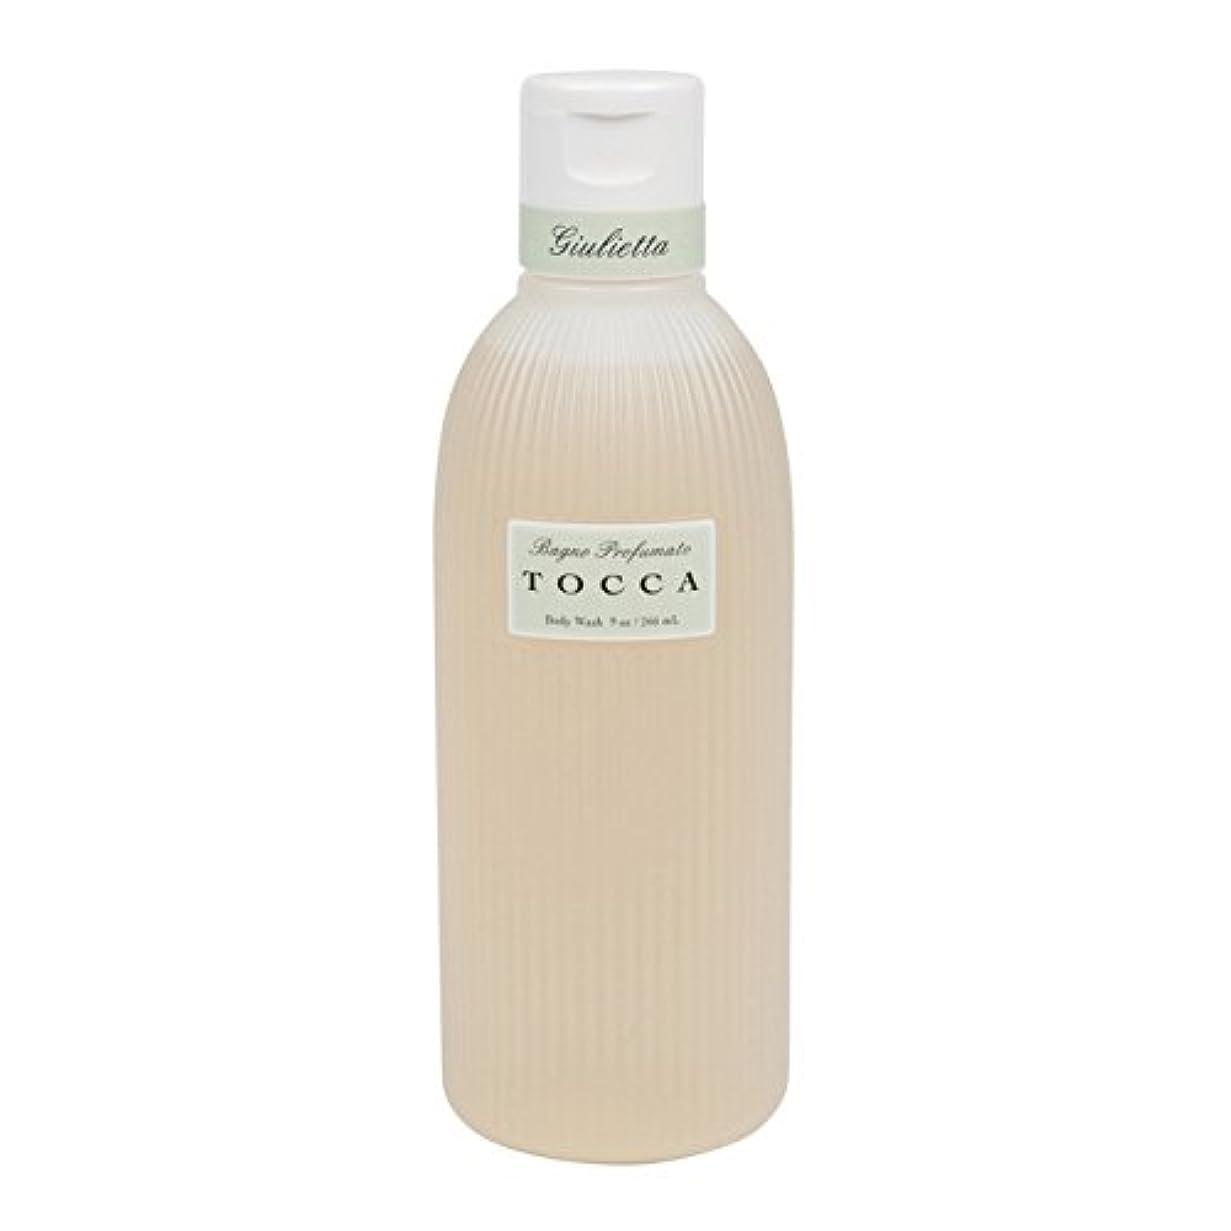 ぼかすクラッチ振動させるトッカ(TOCCA) ボディーケアウォッシュ ジュリエッタの香り 266ml(全身用洗浄料 ボディーソープ ピンクチューリップとグリーンアップルの爽やかで甘い香り) [並行輸入品]